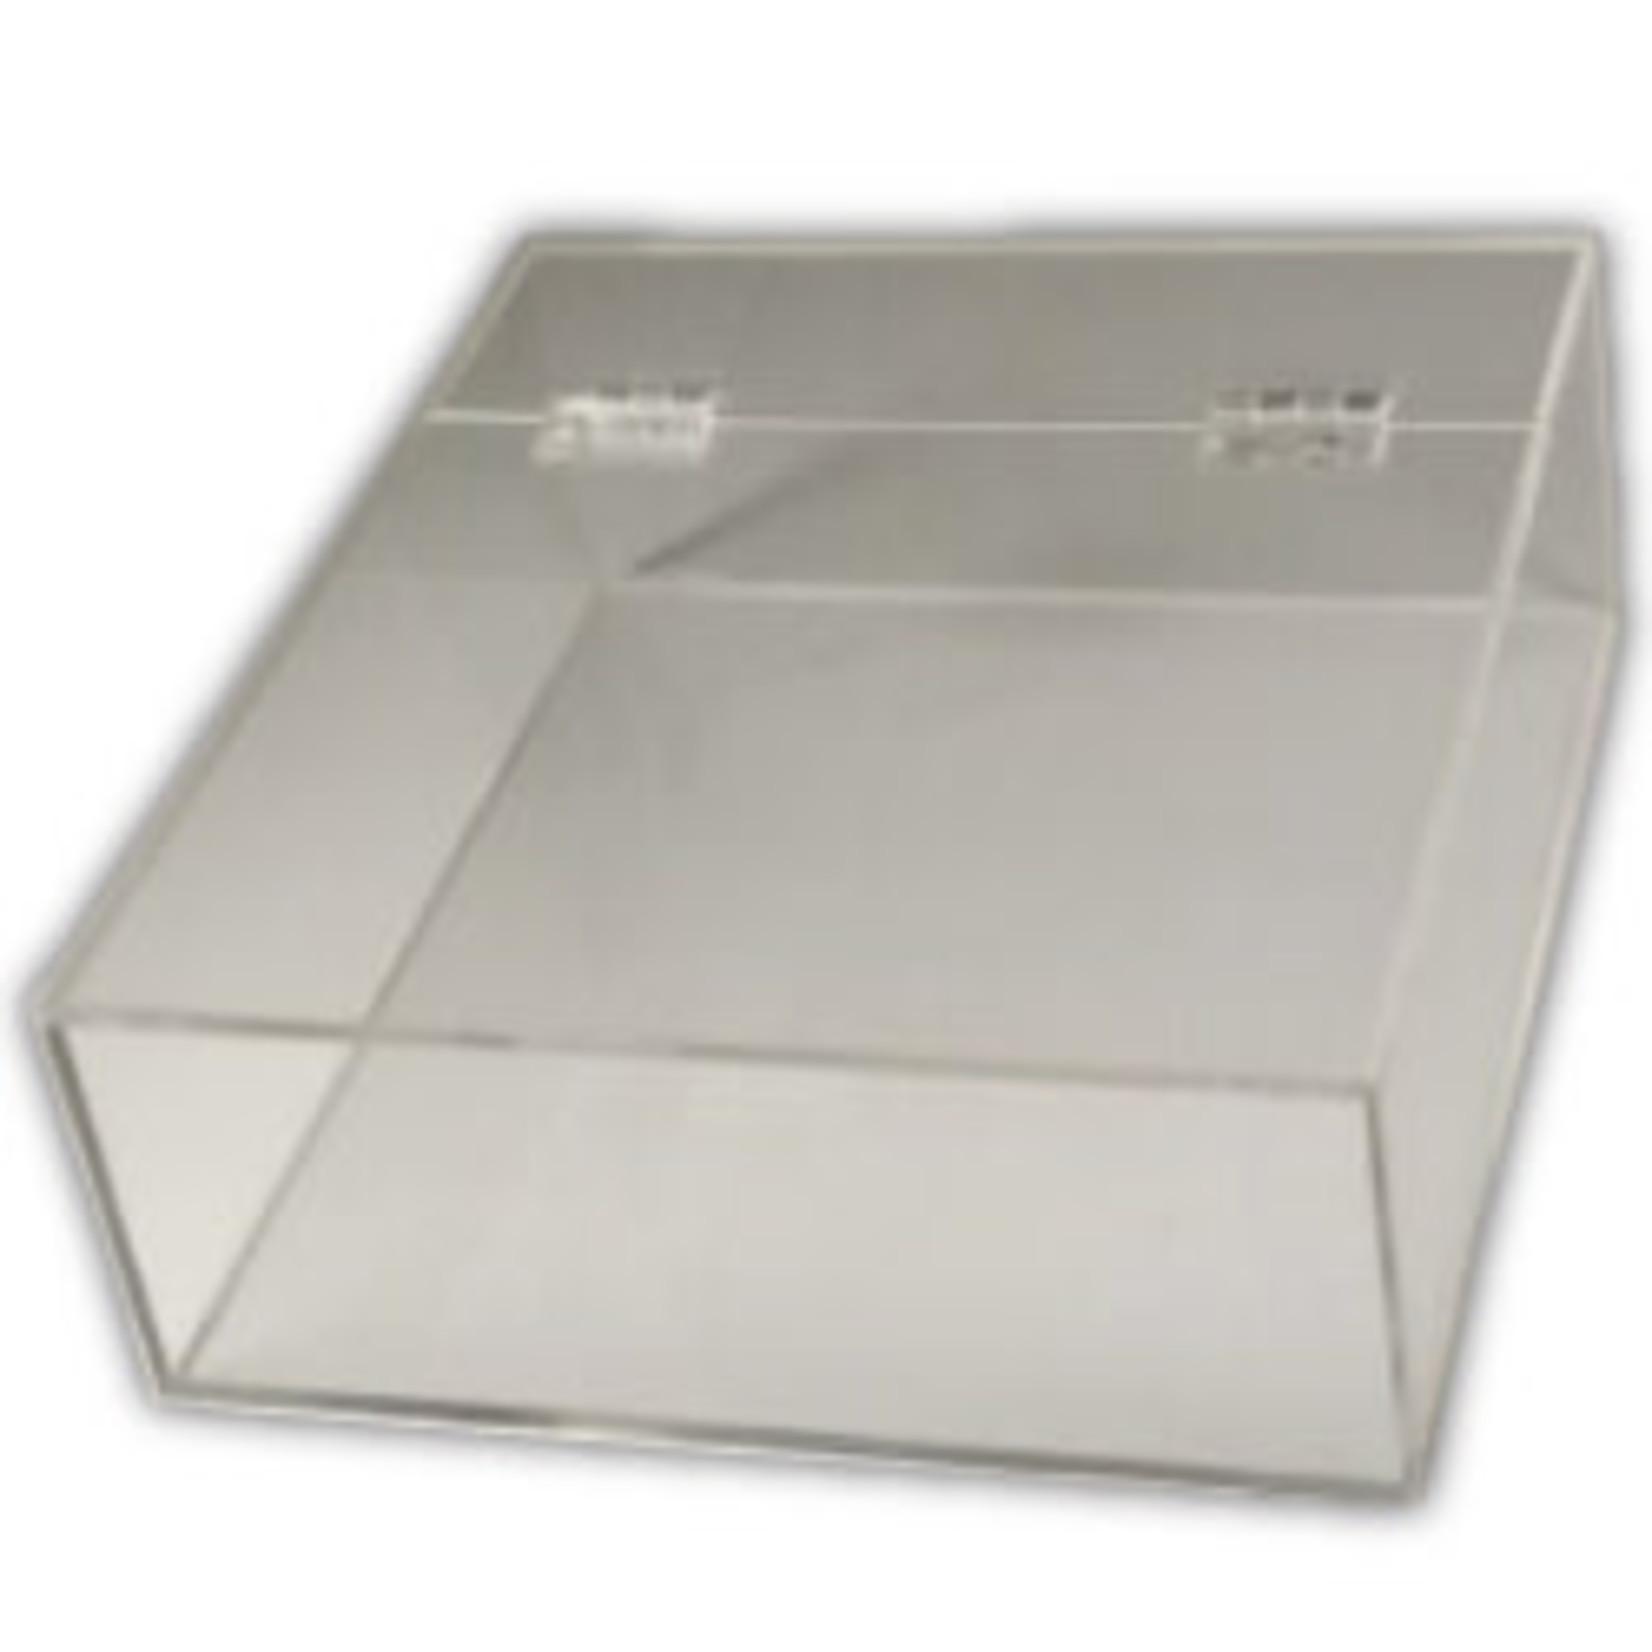 Judaica Selections Flip-Top Acrylic Shmurah Matzah Box